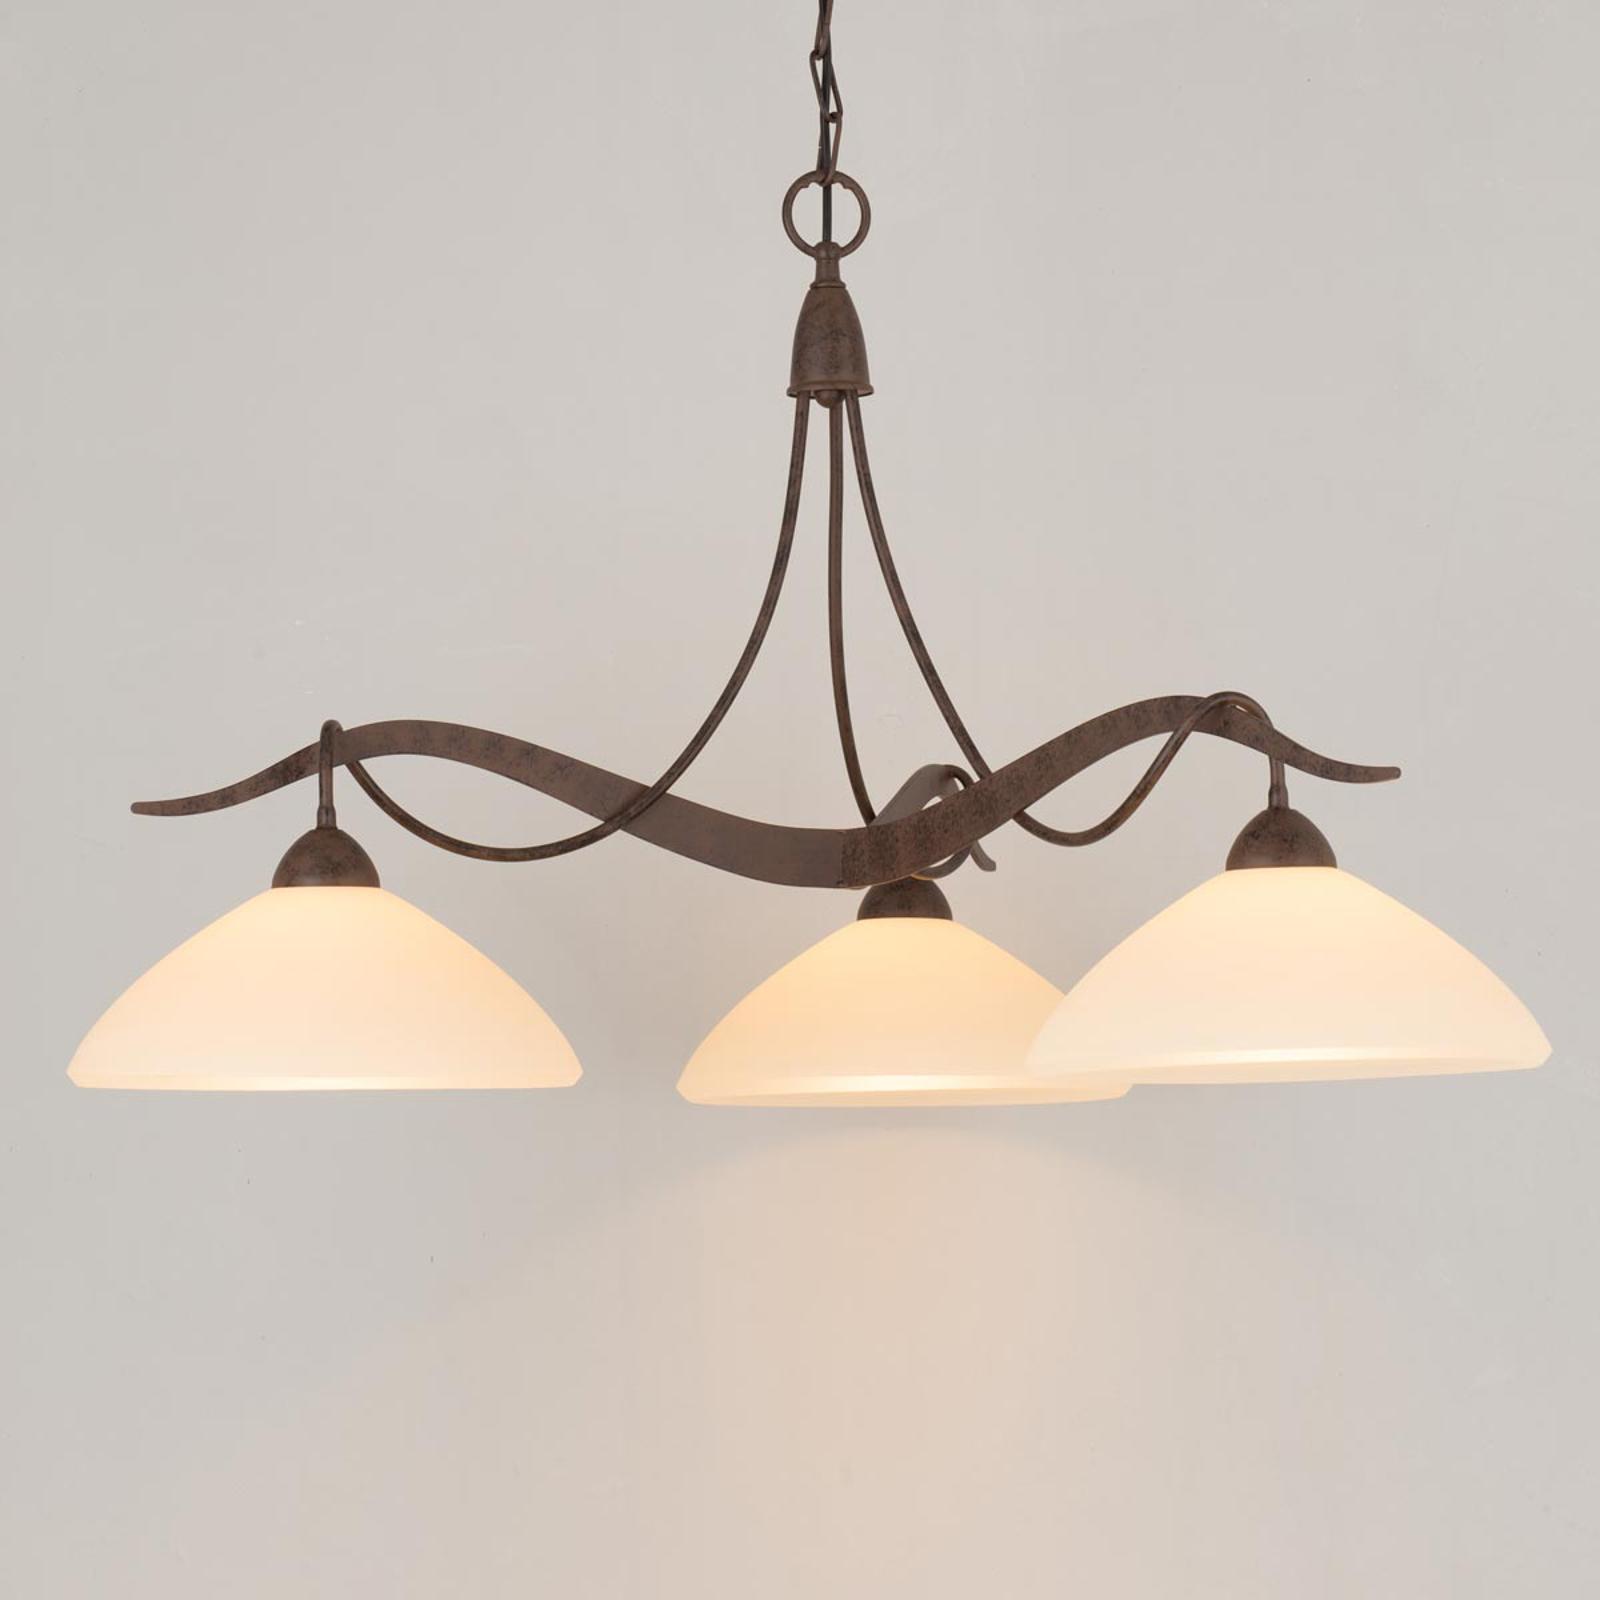 Samuele hængelampe landlig stil 3 lyskilder, creme